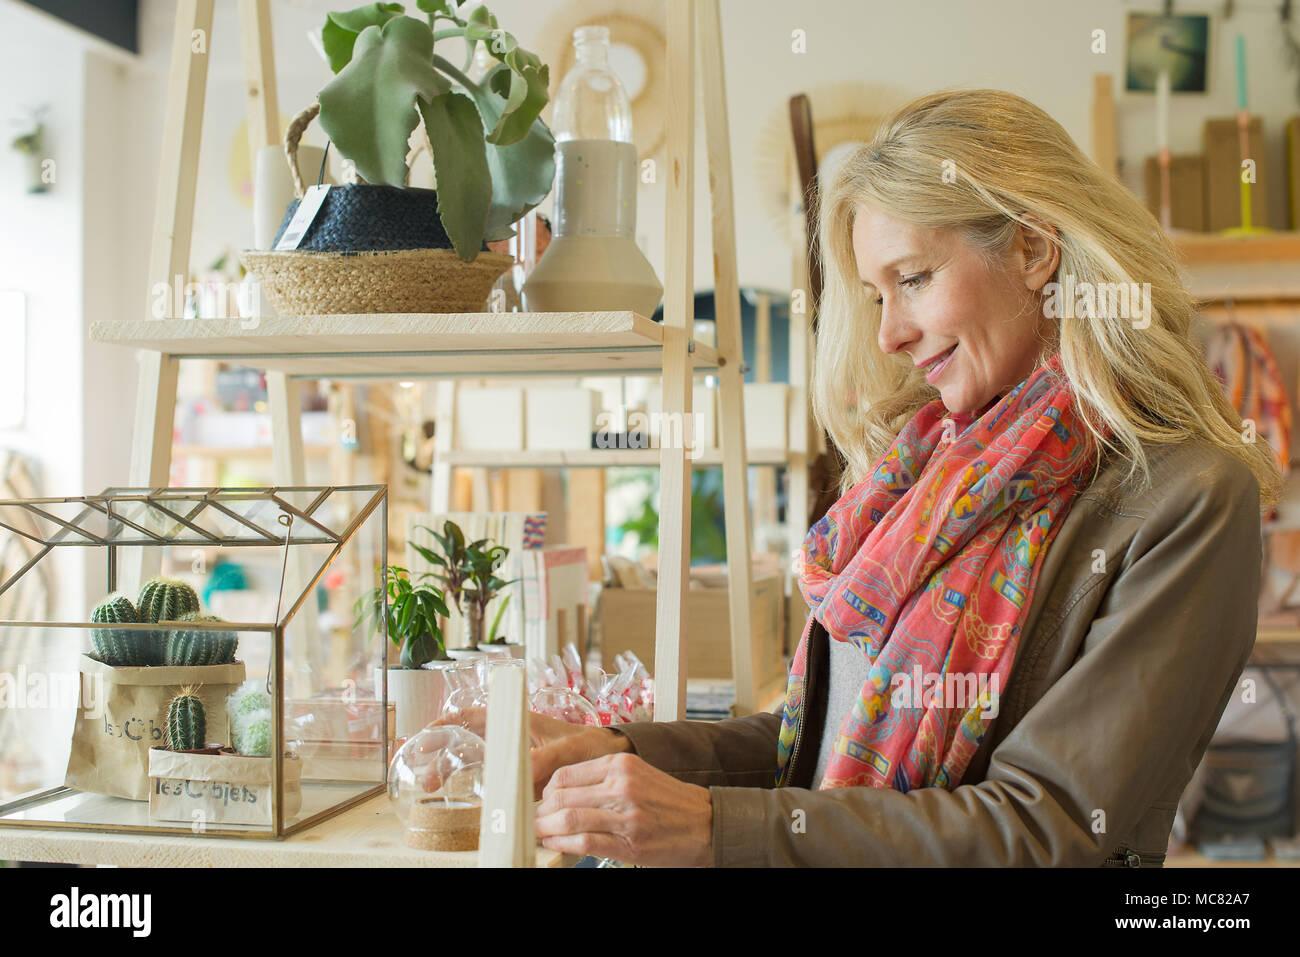 Mujer madura compras en tienda de decoración del hogar Imagen De Stock